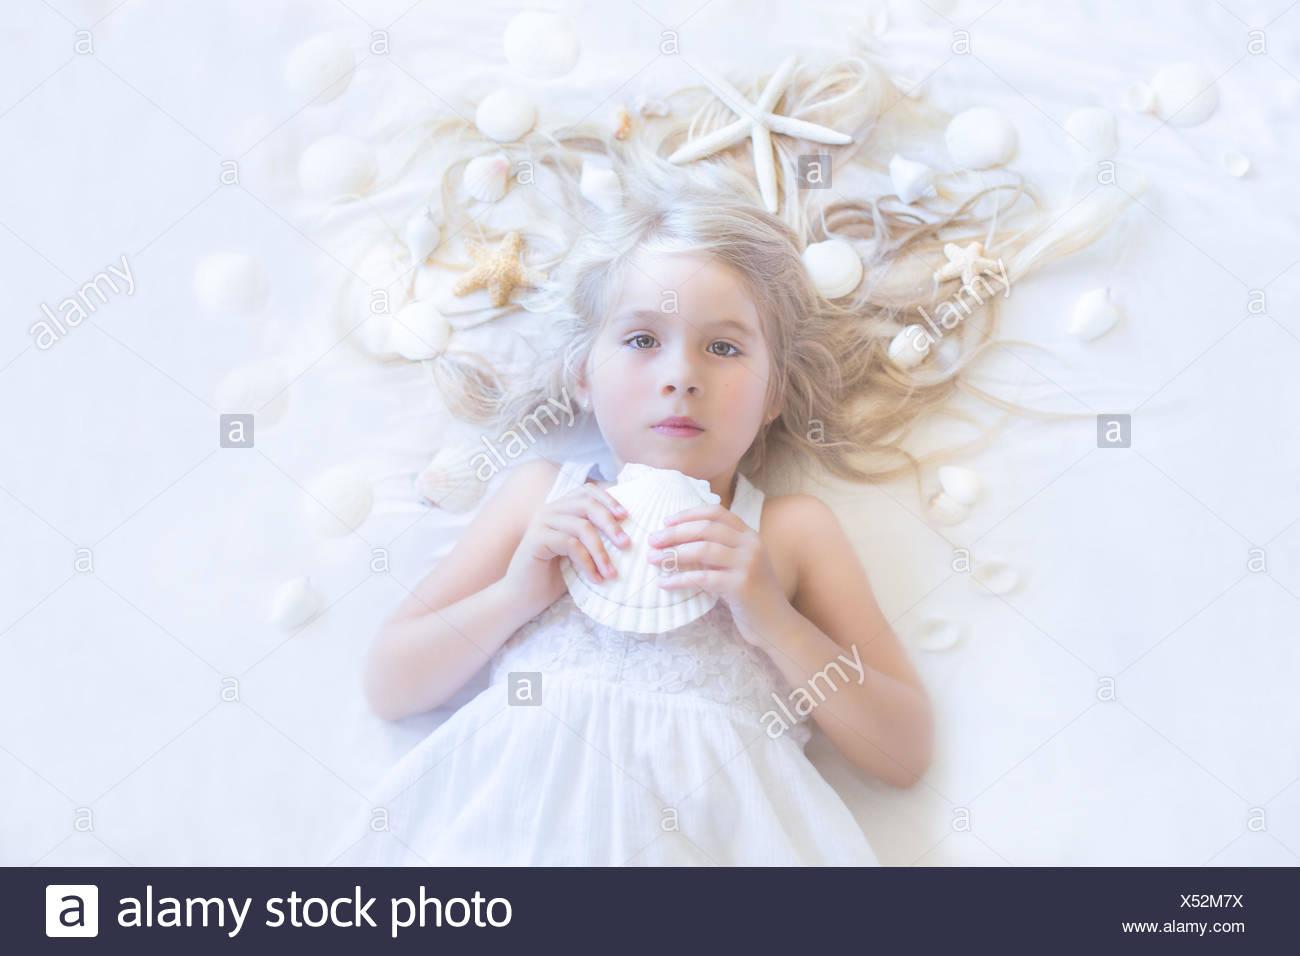 Girl lying on floor with seashells - Stock Image